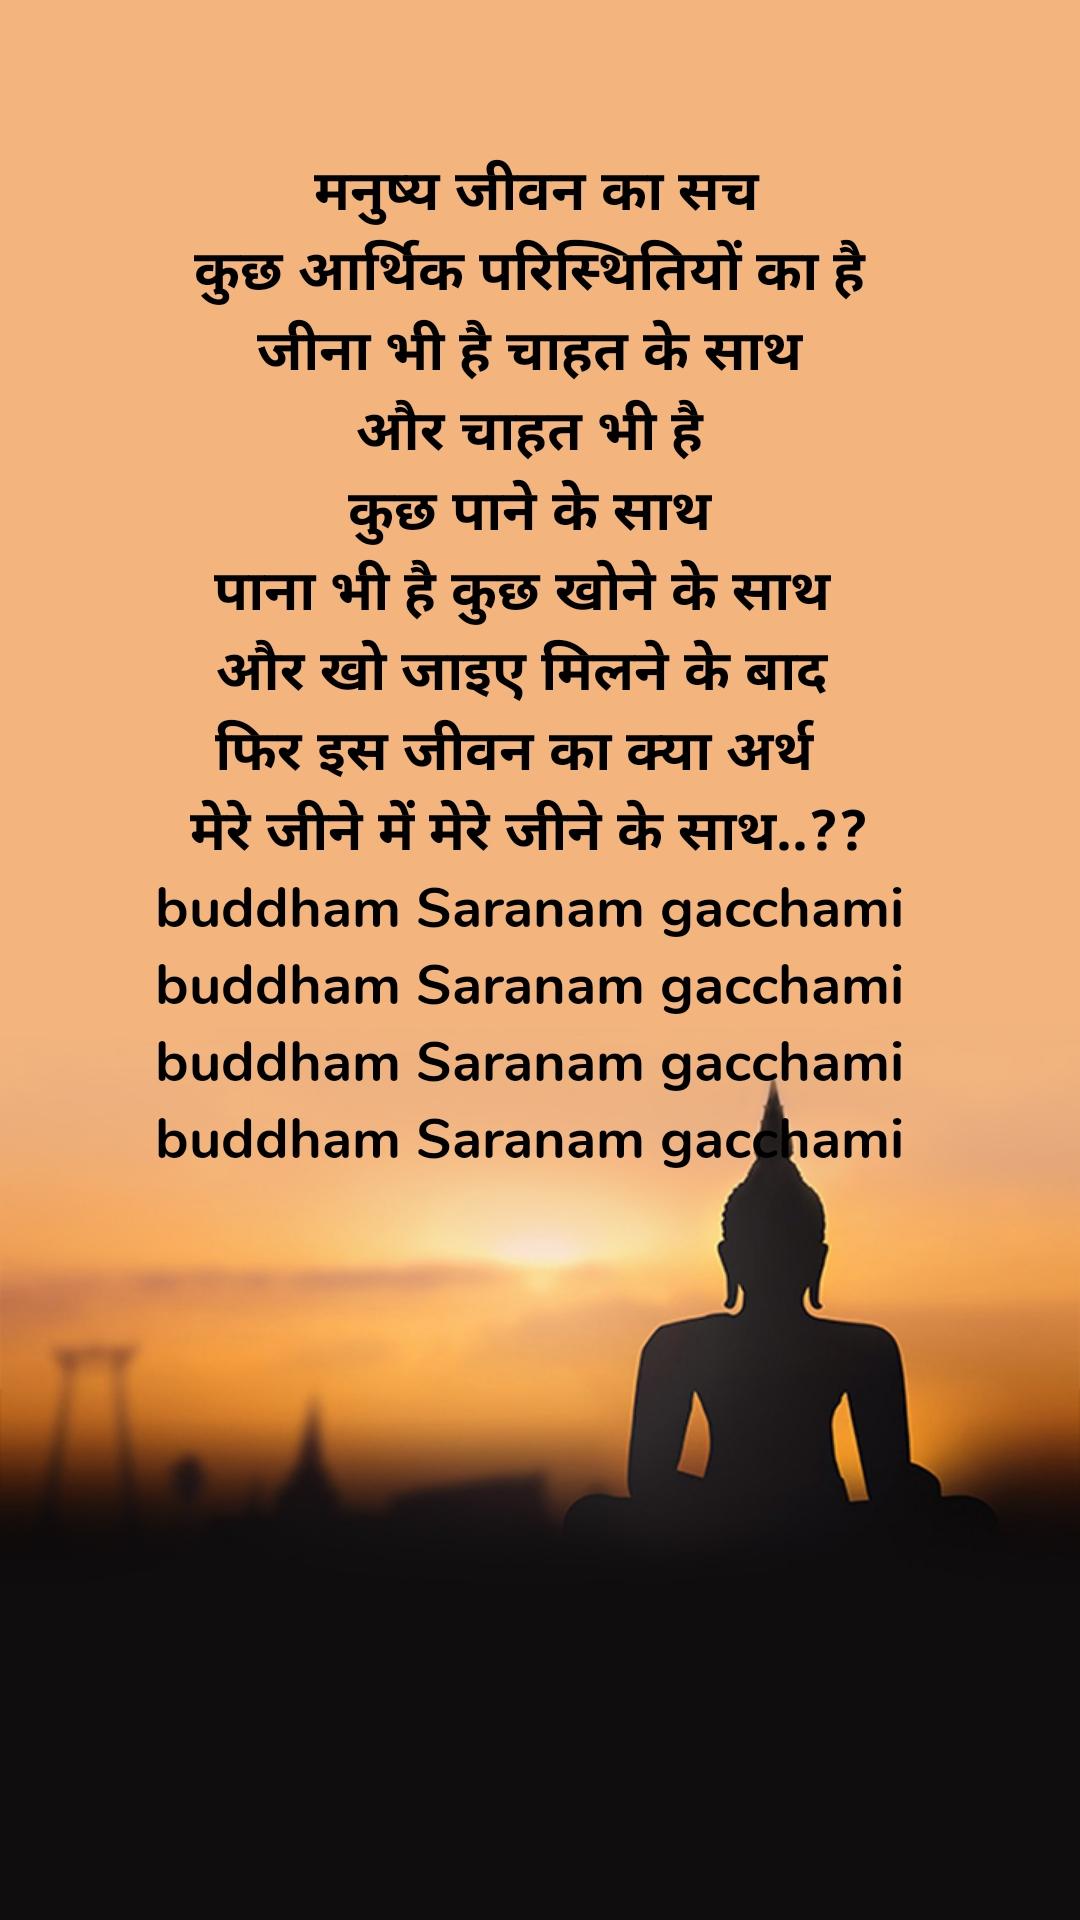 मनुष्य जीवन का सच  कुछ आर्थिक परिस्थितियों का है   जीना भी है चाहत के साथ  और चाहत भी है  कुछ पाने के साथ  पाना भी है कुछ खोने के साथ  और खो जाइए मिलने के बाद  फिर इस जीवन का क्या अर्थ   मेरे जीने में मेरे जीने के साथ..??  buddham Saranam gacchami  buddham Saranam gacchami  buddham Saranam gacchami  buddham Saranam gacchami